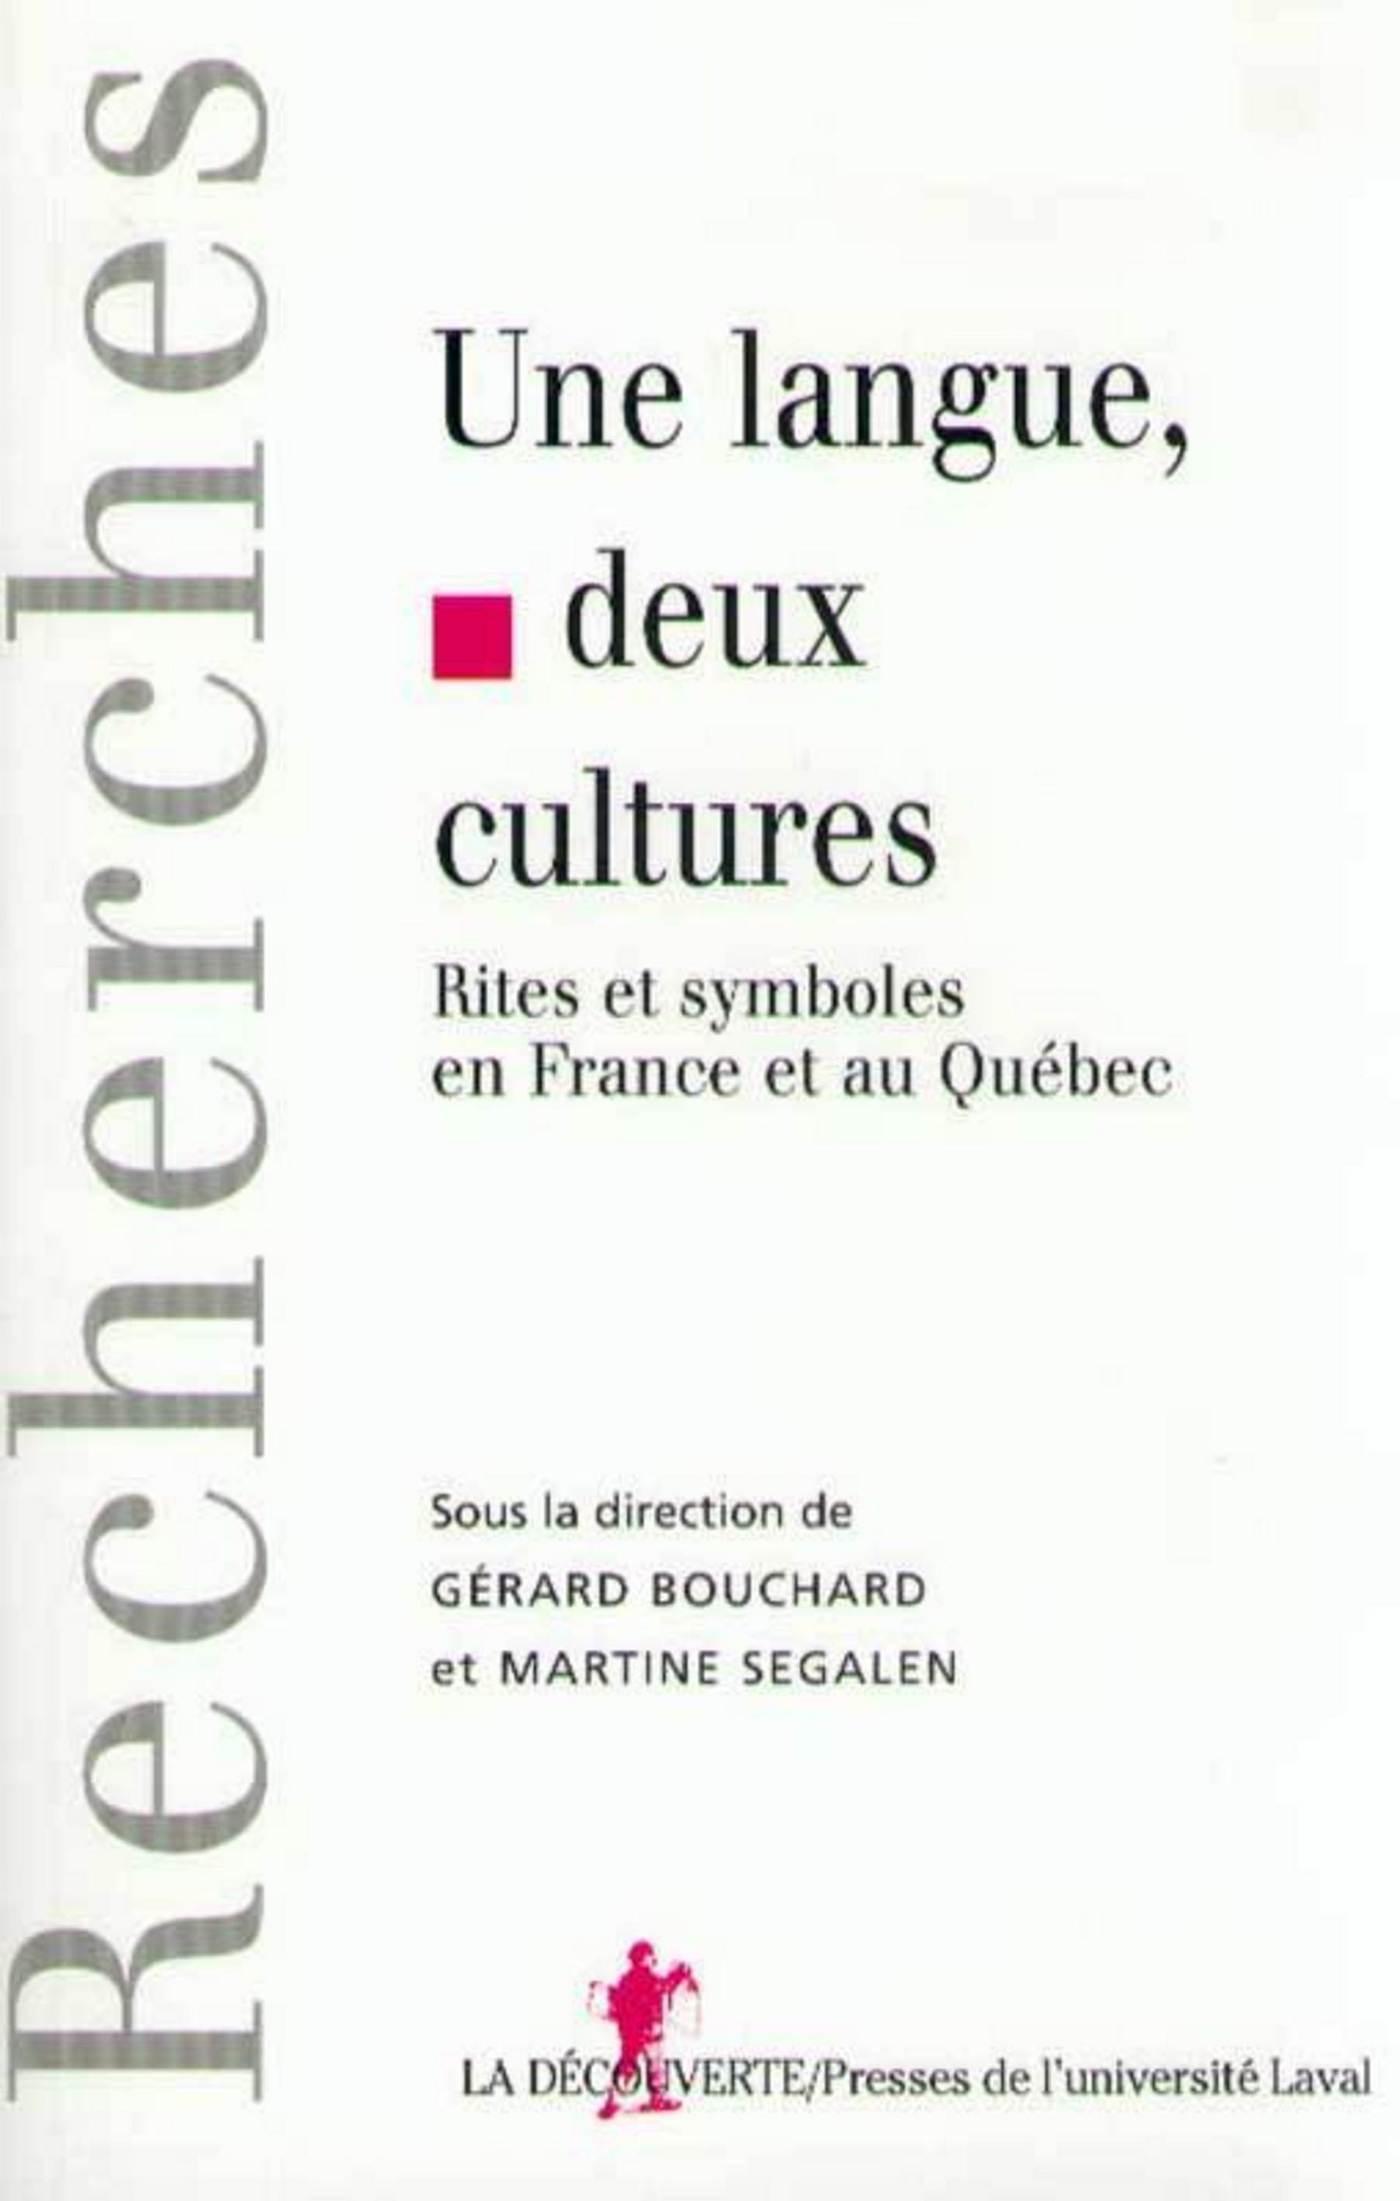 Une langue, deux cultures